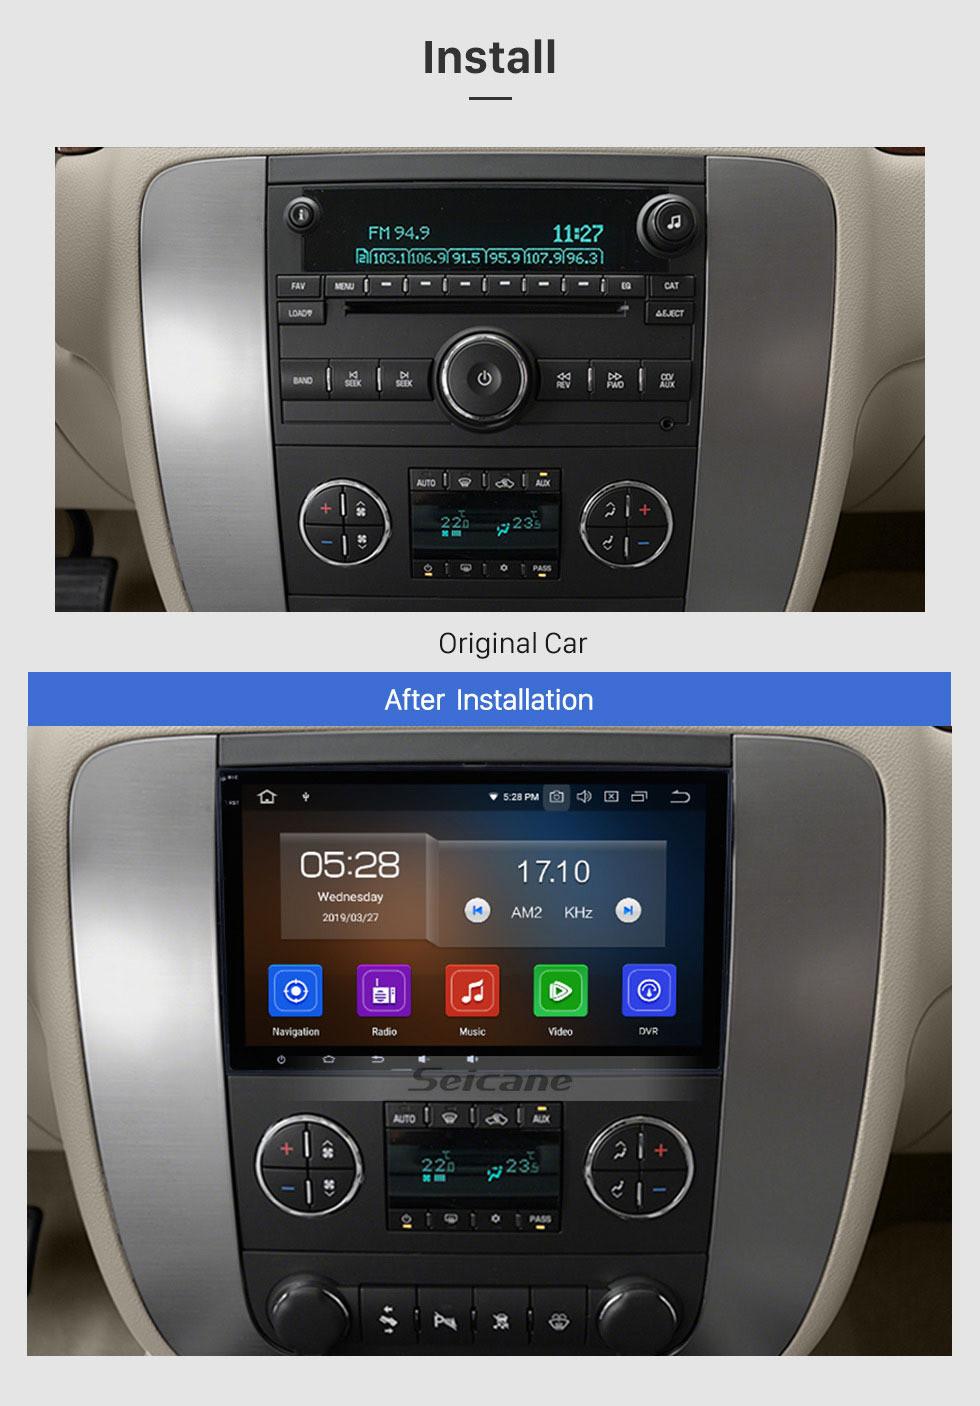 Seicane 8 Polegada Android 9.0 HD Touchscreen Unidade de Cabeça de Rádio de Carro Para 2007 2008 2009 2010 2011 GMC Acadia Navegação GPS Bluetooth Música Do Telefone WI-FI Suporte OBD2 USB DAB + Link de Espelho Volante Controle de Câmera de Backup